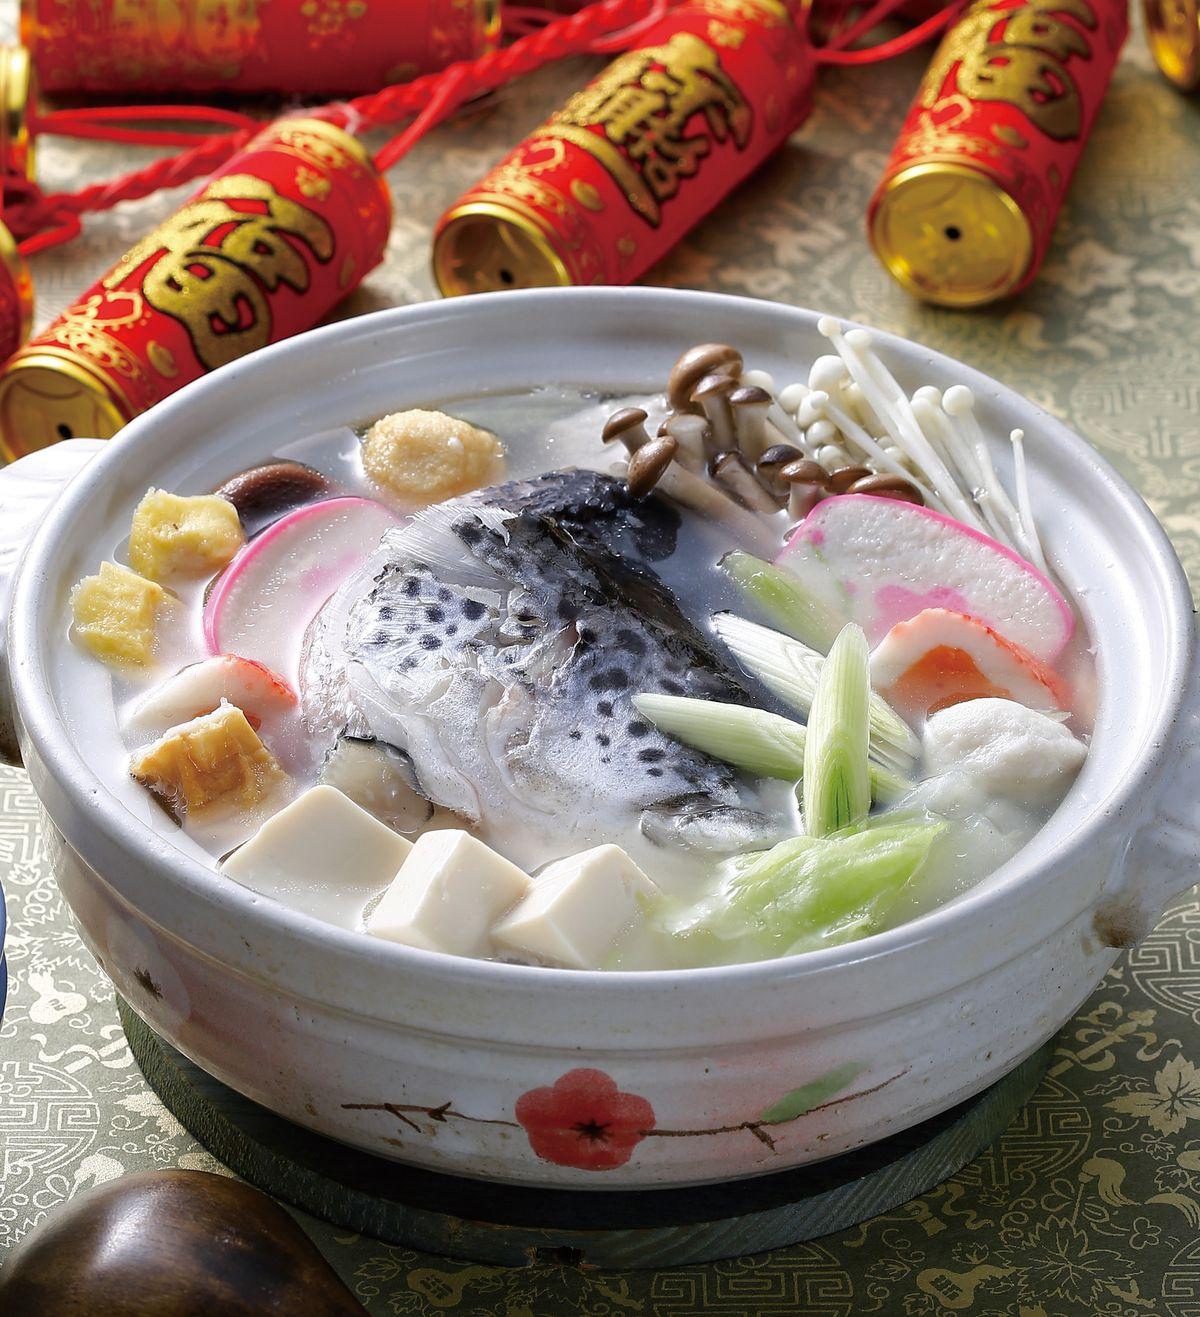 食譜:白菜鮭魚頭團圓鍋